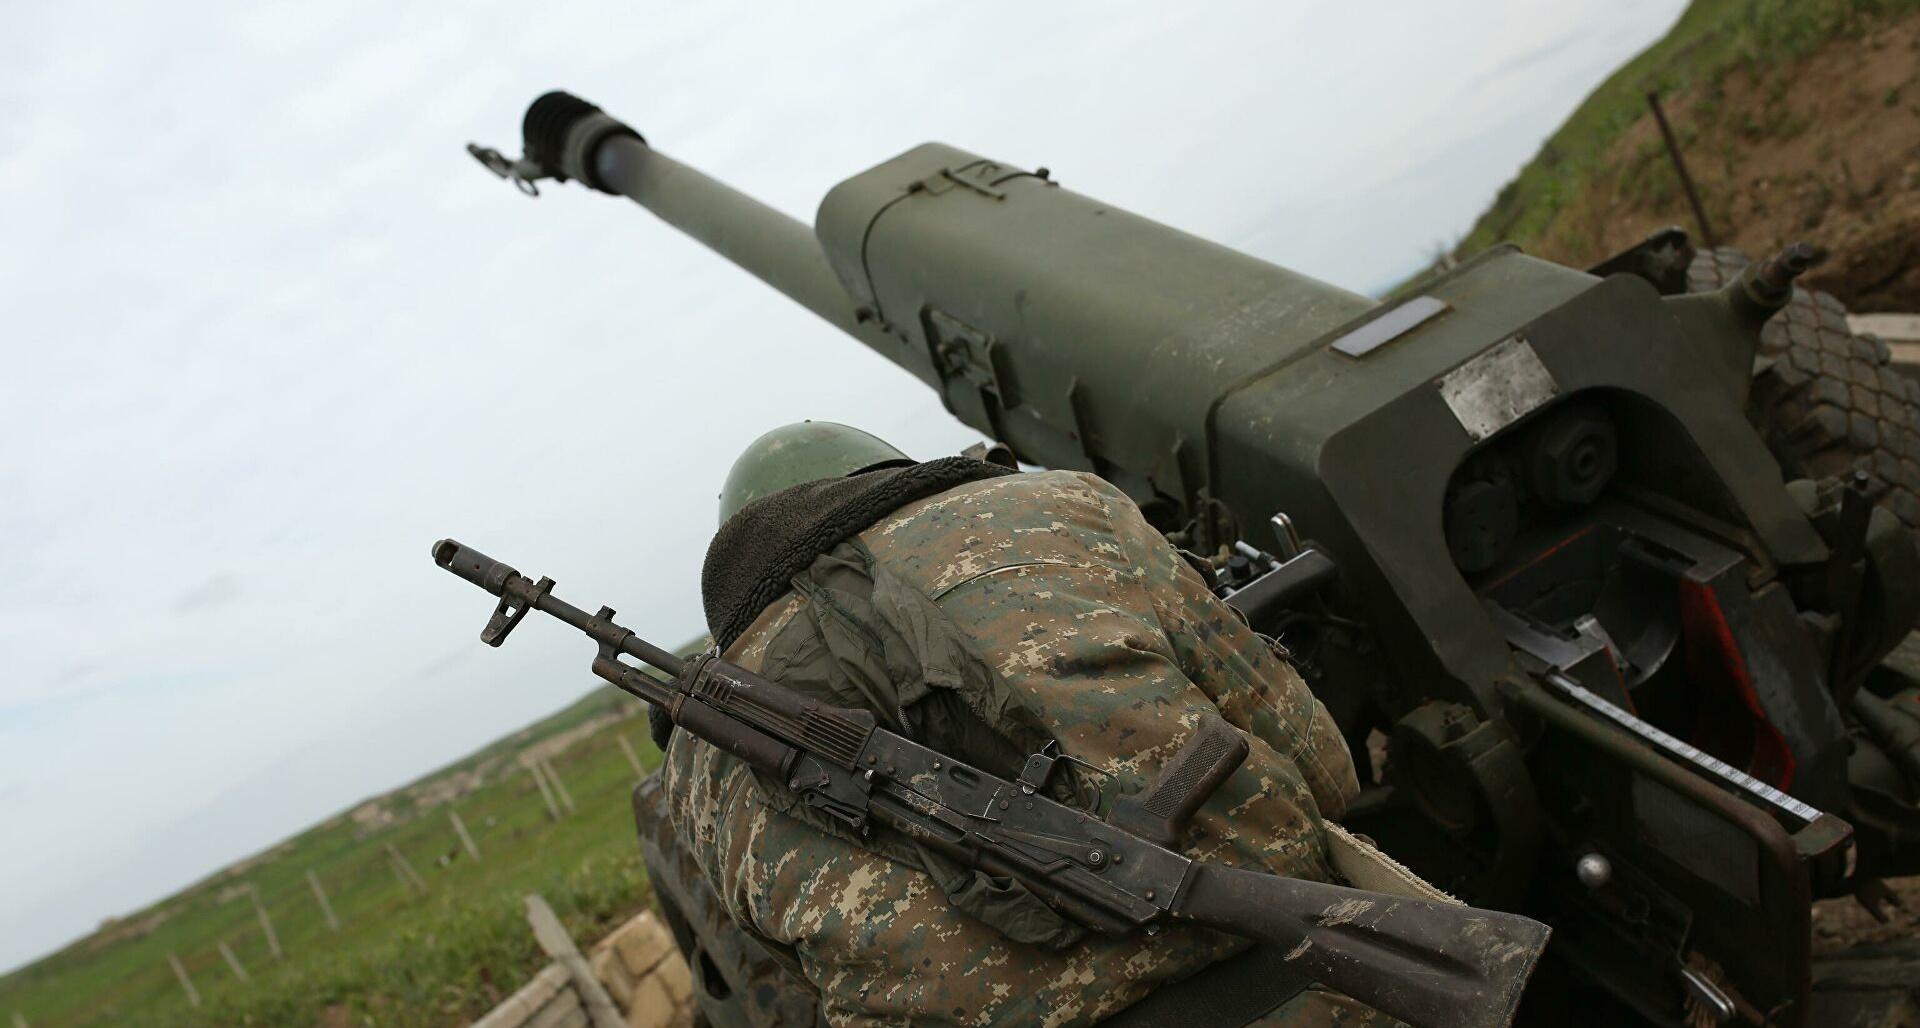 Обострение в Карабахе: Азербайджан заявил об обстрелах своих позиций, несмотря на перемирие